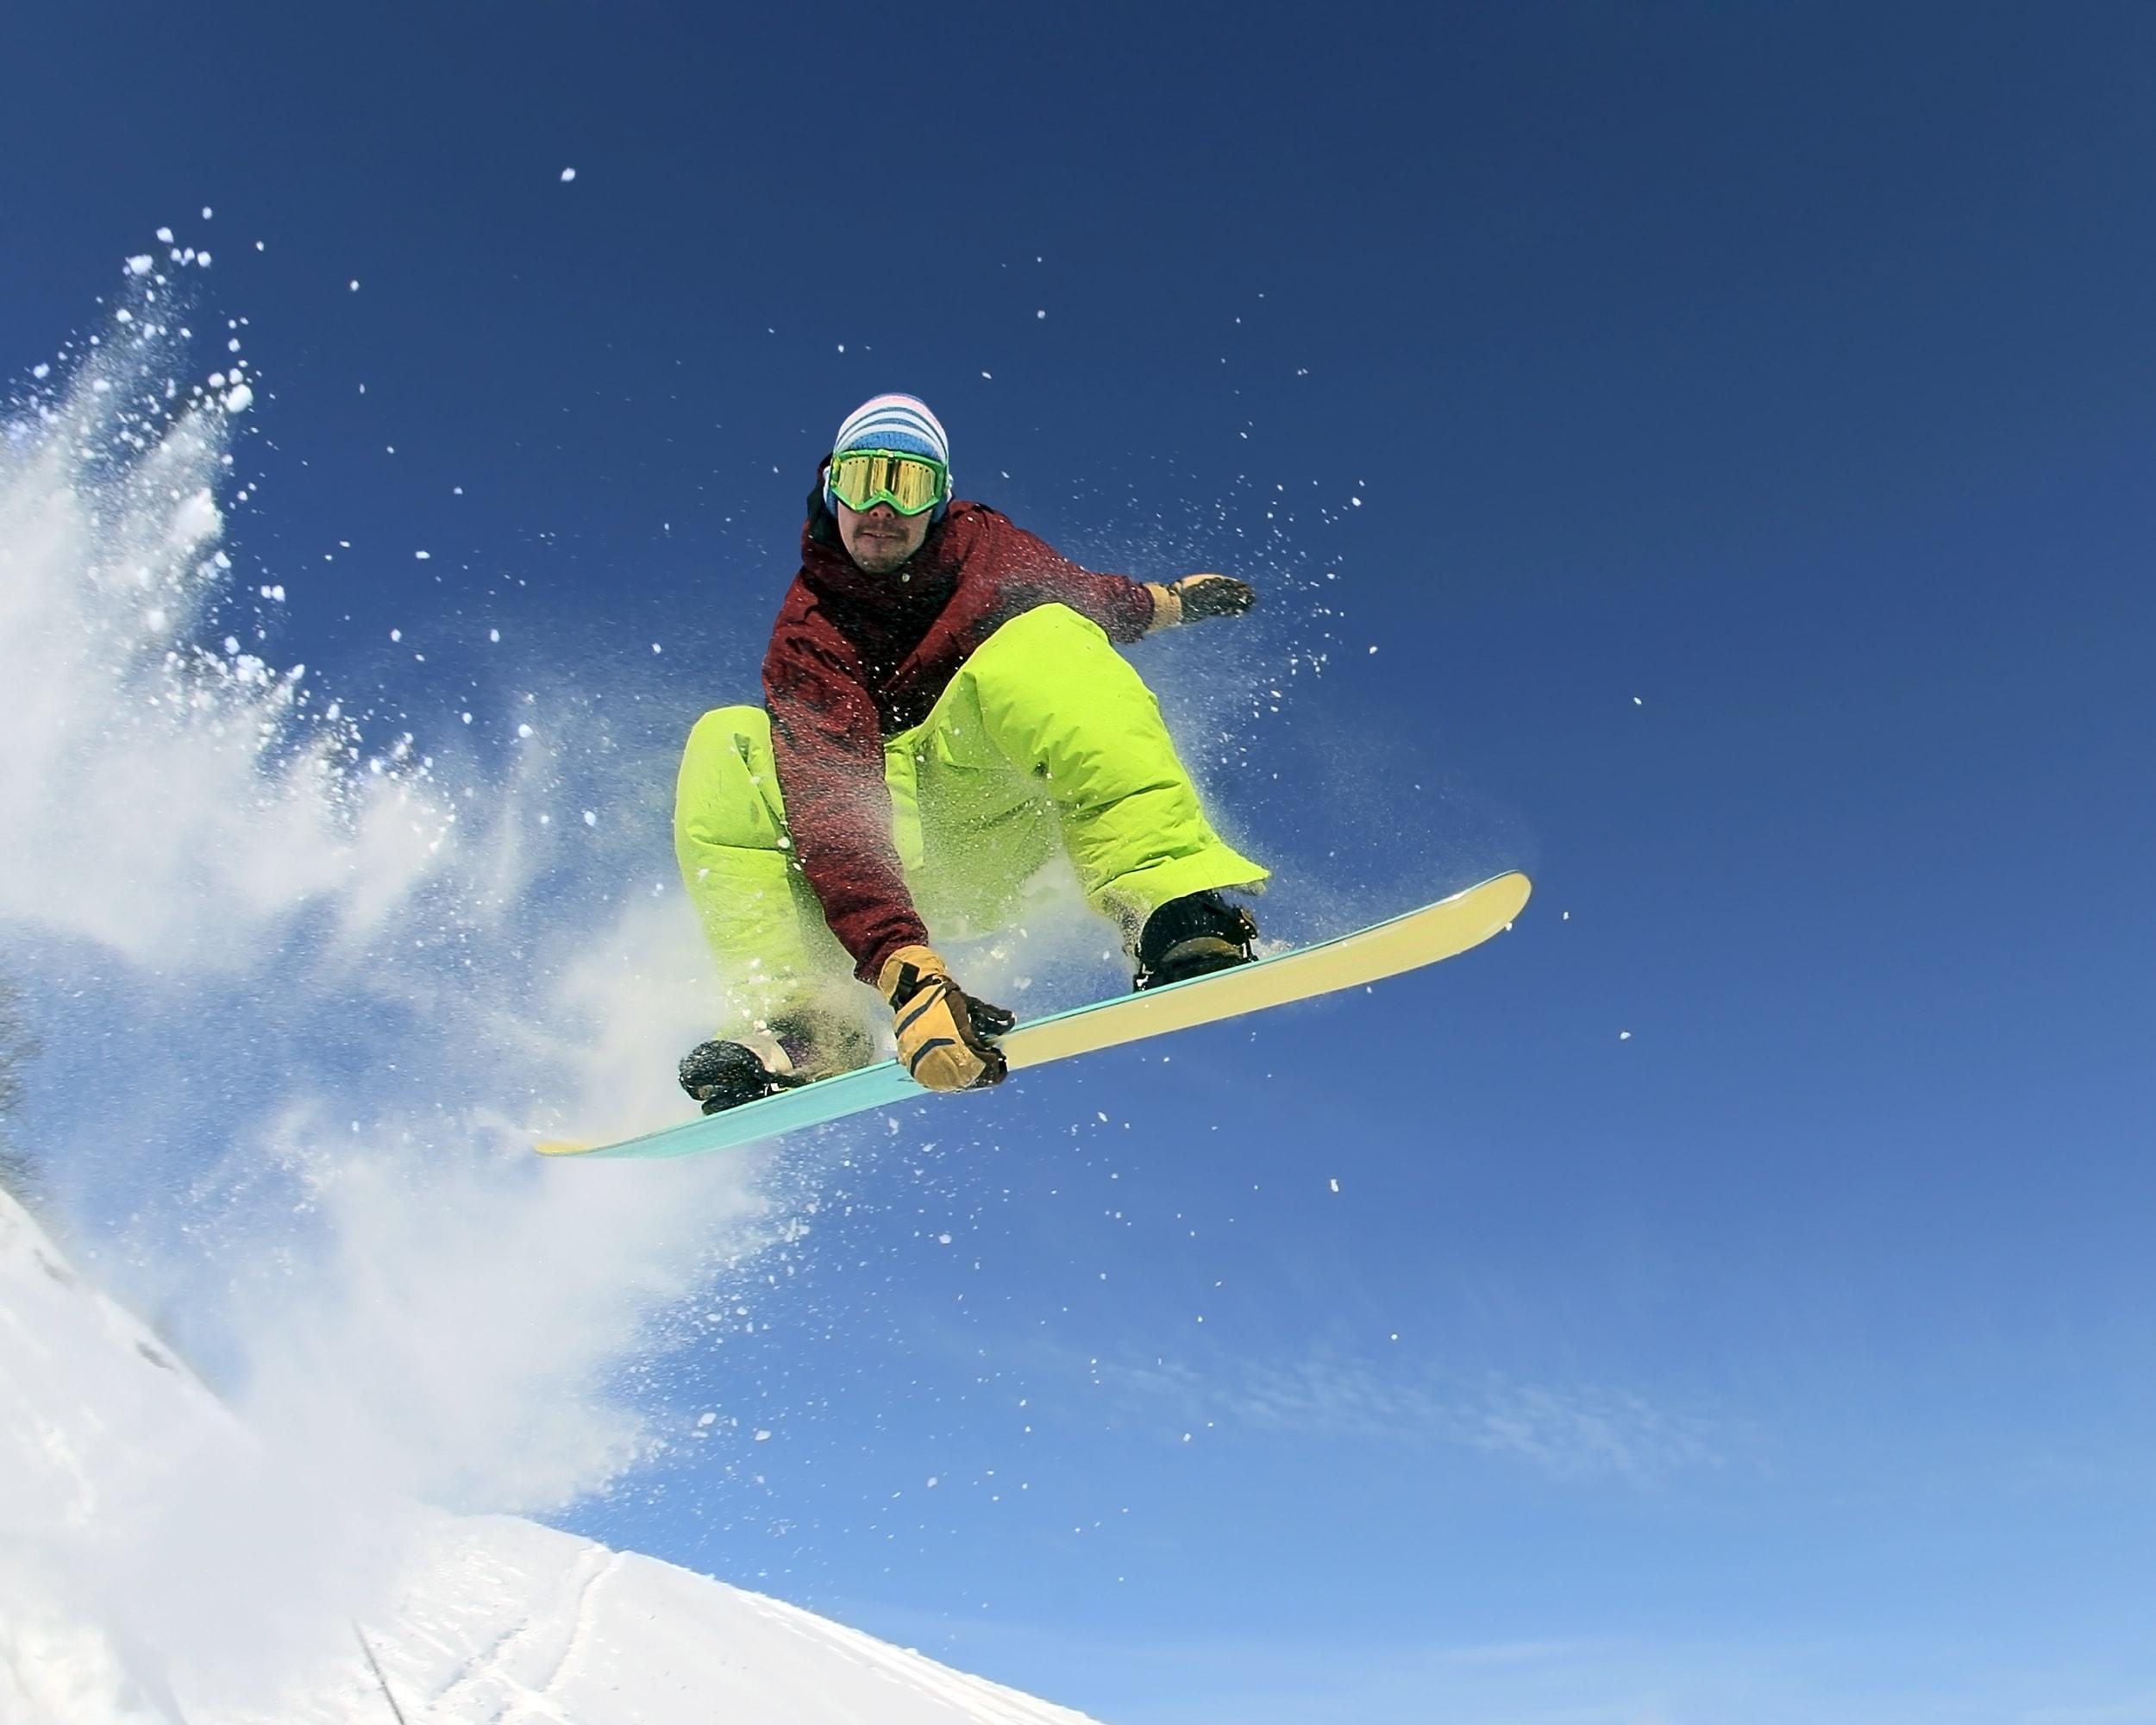 Privater Snowboardkurs für Kinder & Erwachsene - Alle Levels